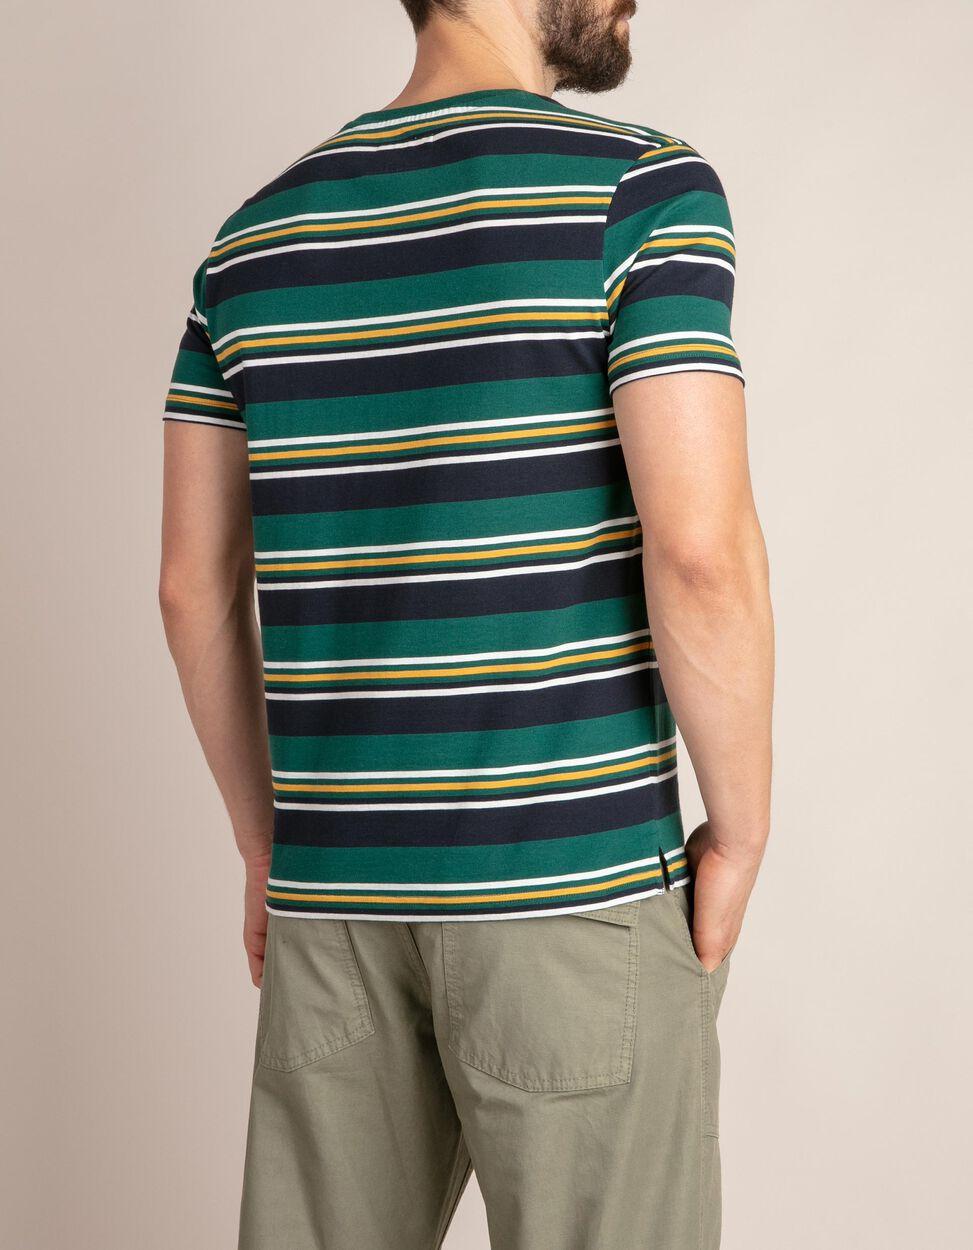 T-shirt multicolor às riscas